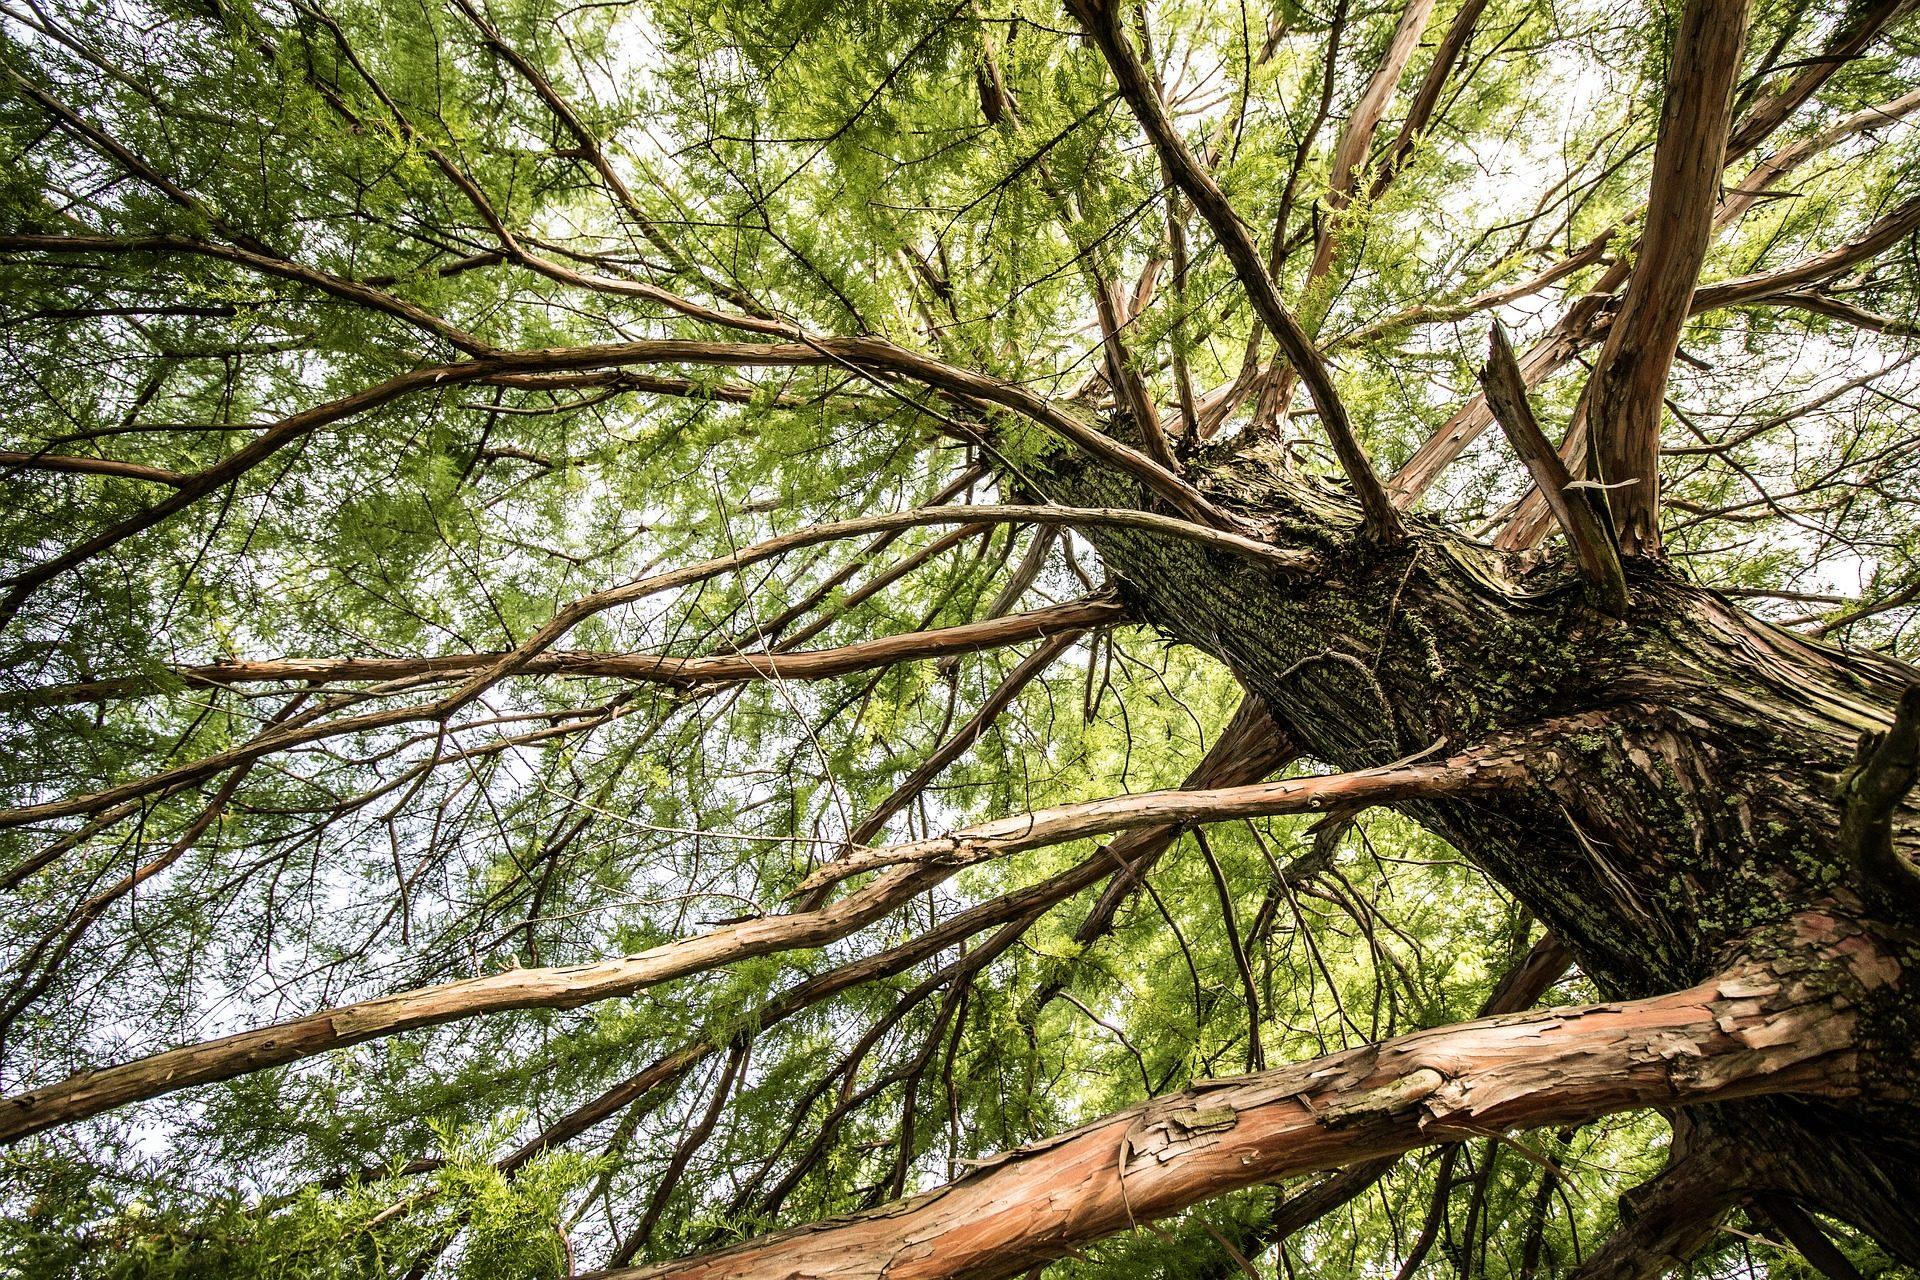 δέντρο, υποκαταστήματα, Πεύκο, κορμός, Κωνοφόρο - Wallpapers HD - Professor-falken.com